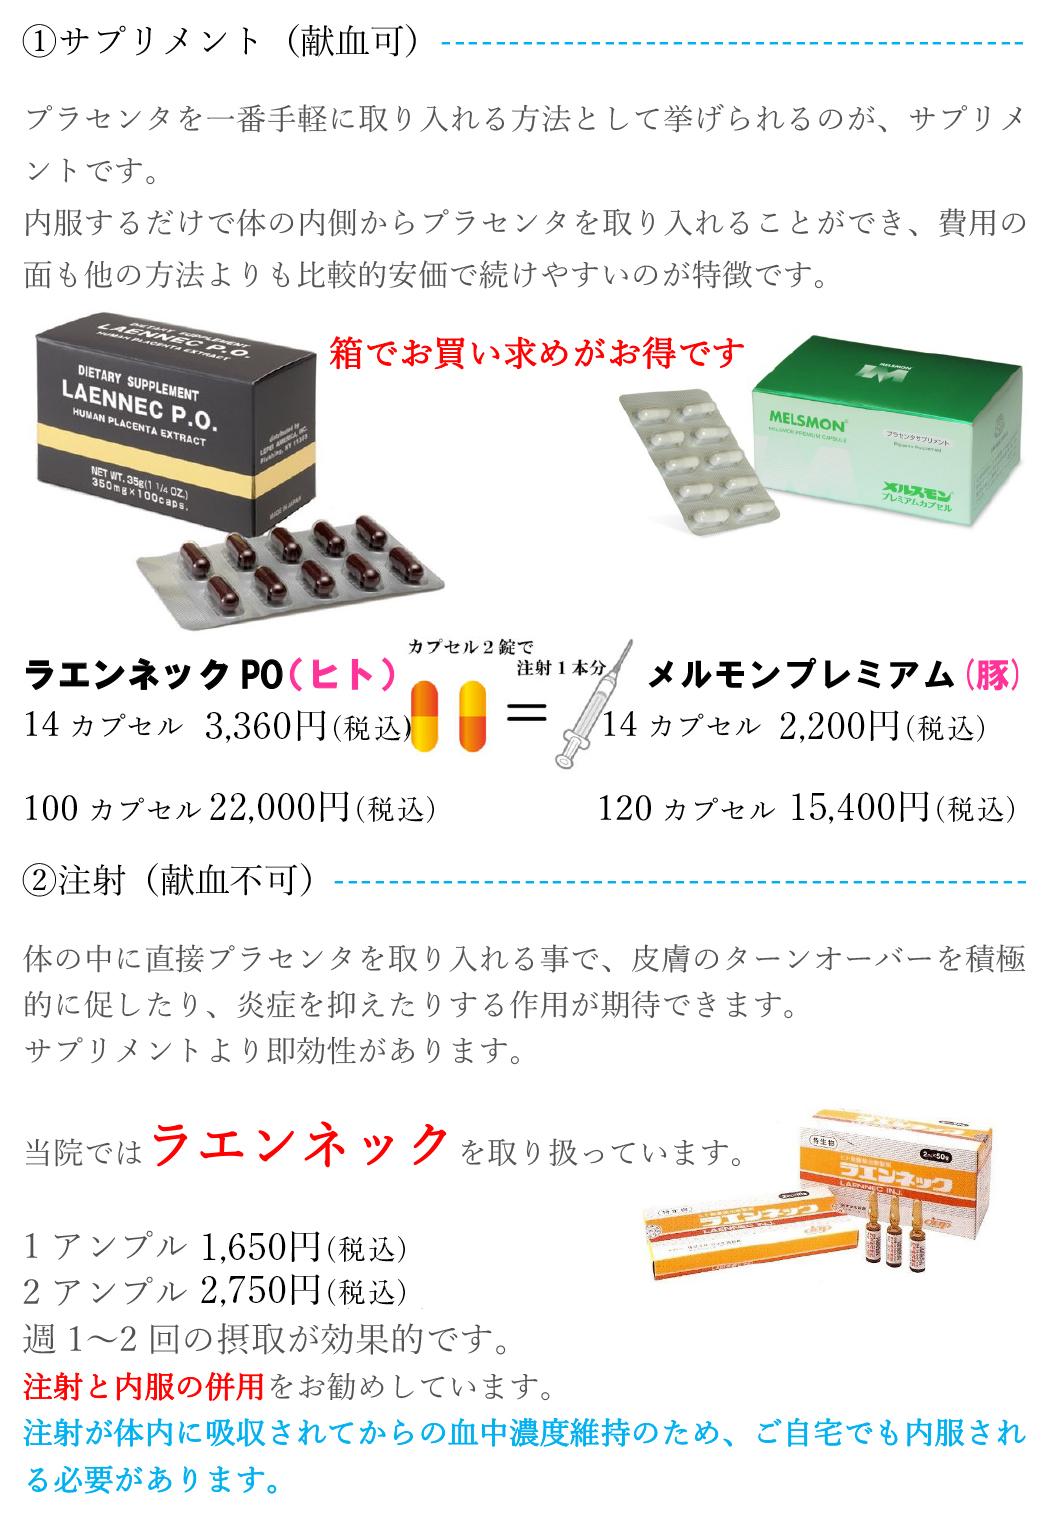 アトピー性皮膚炎に効くプラセンタ療法_ページ_2